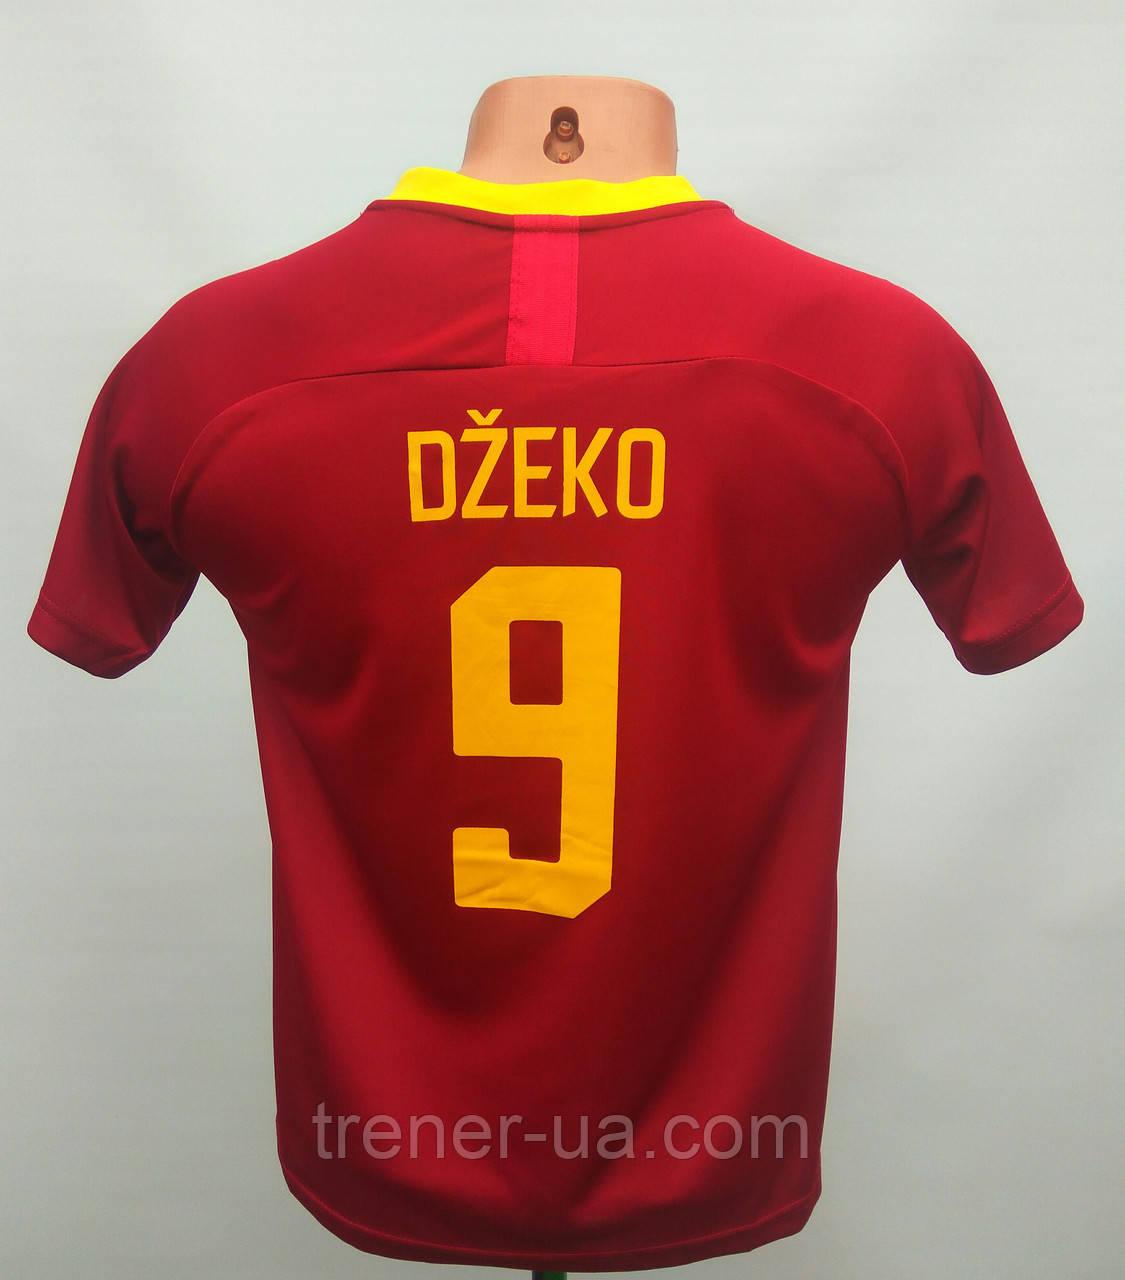 Футбольная форма детская Roma Dzeko 9 сезон 2018-19